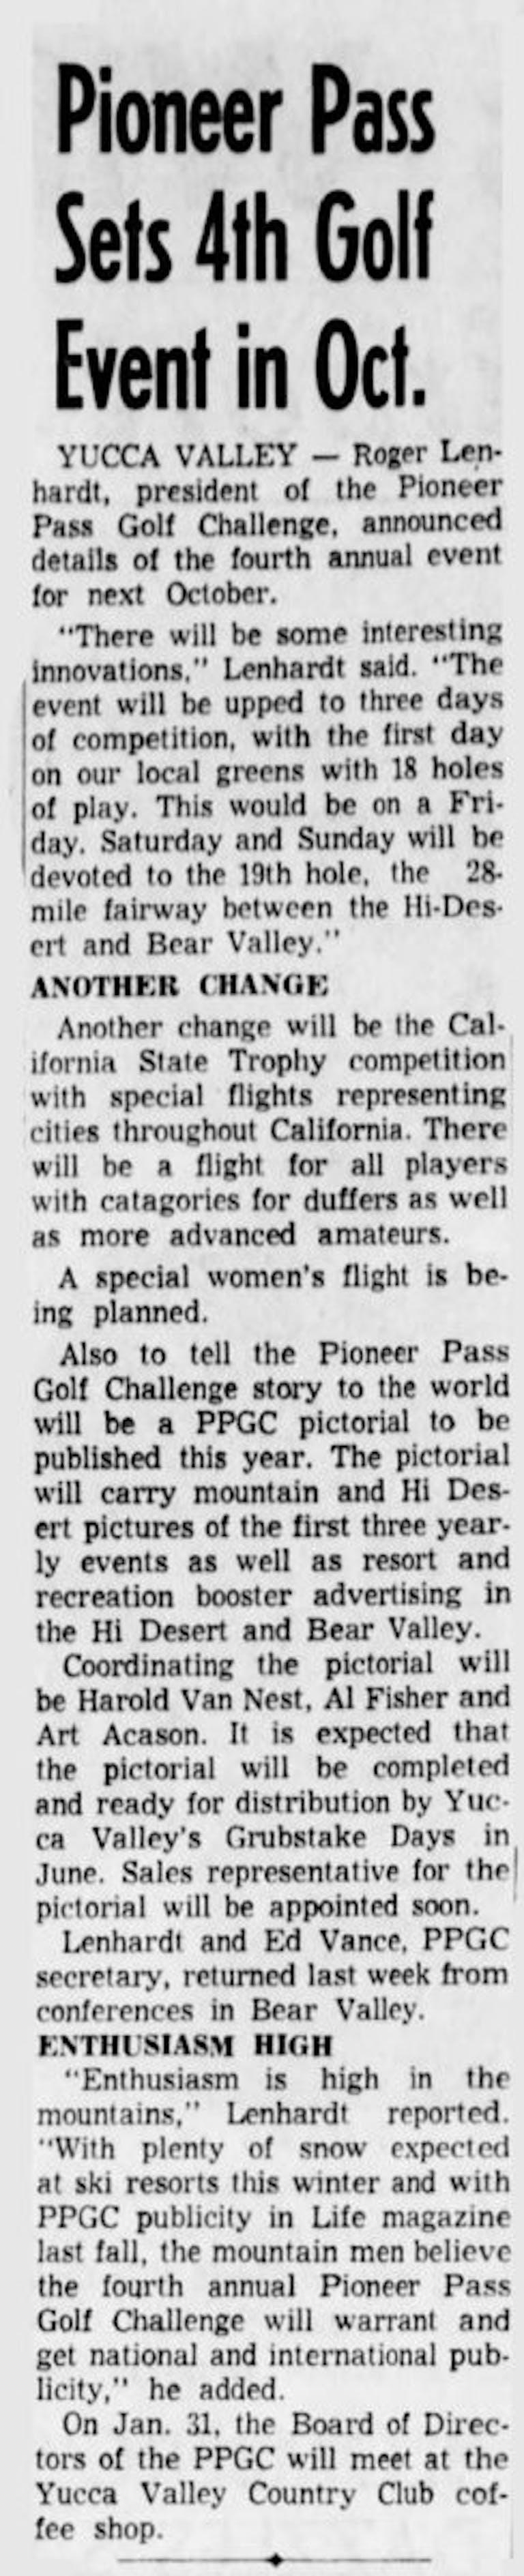 Jan. 10, 1962 - The San Bernardino County Sun